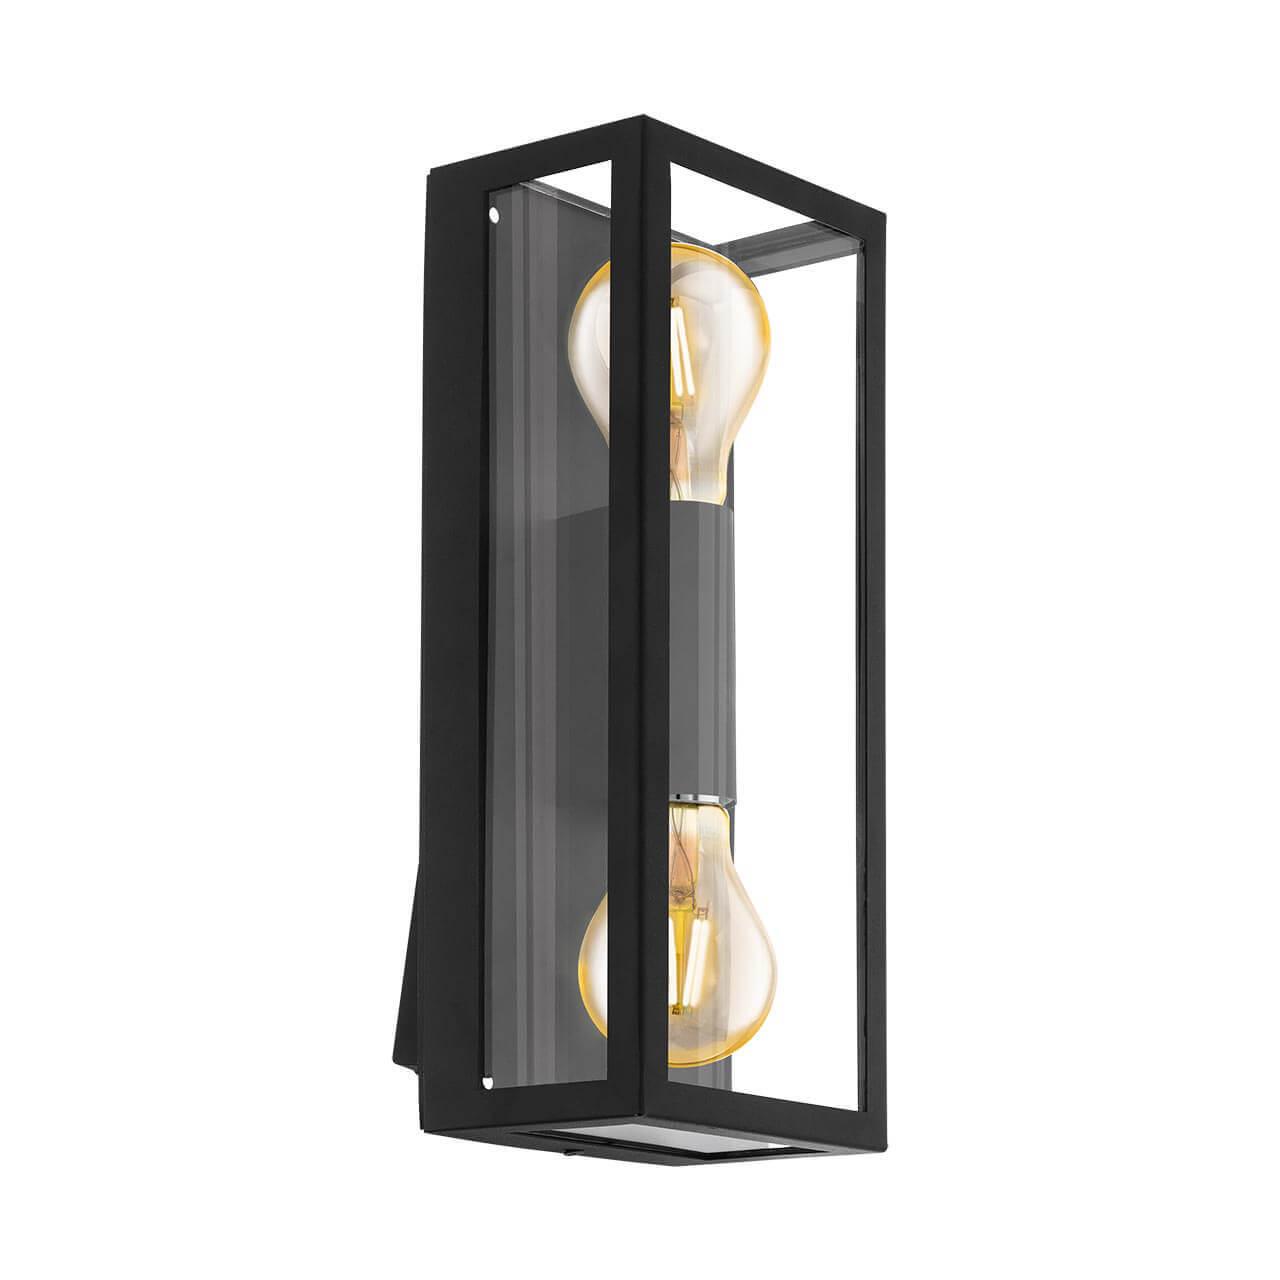 купить Уличный настенный светильник Eglo Alamonte 1 98273 по цене 5990 рублей